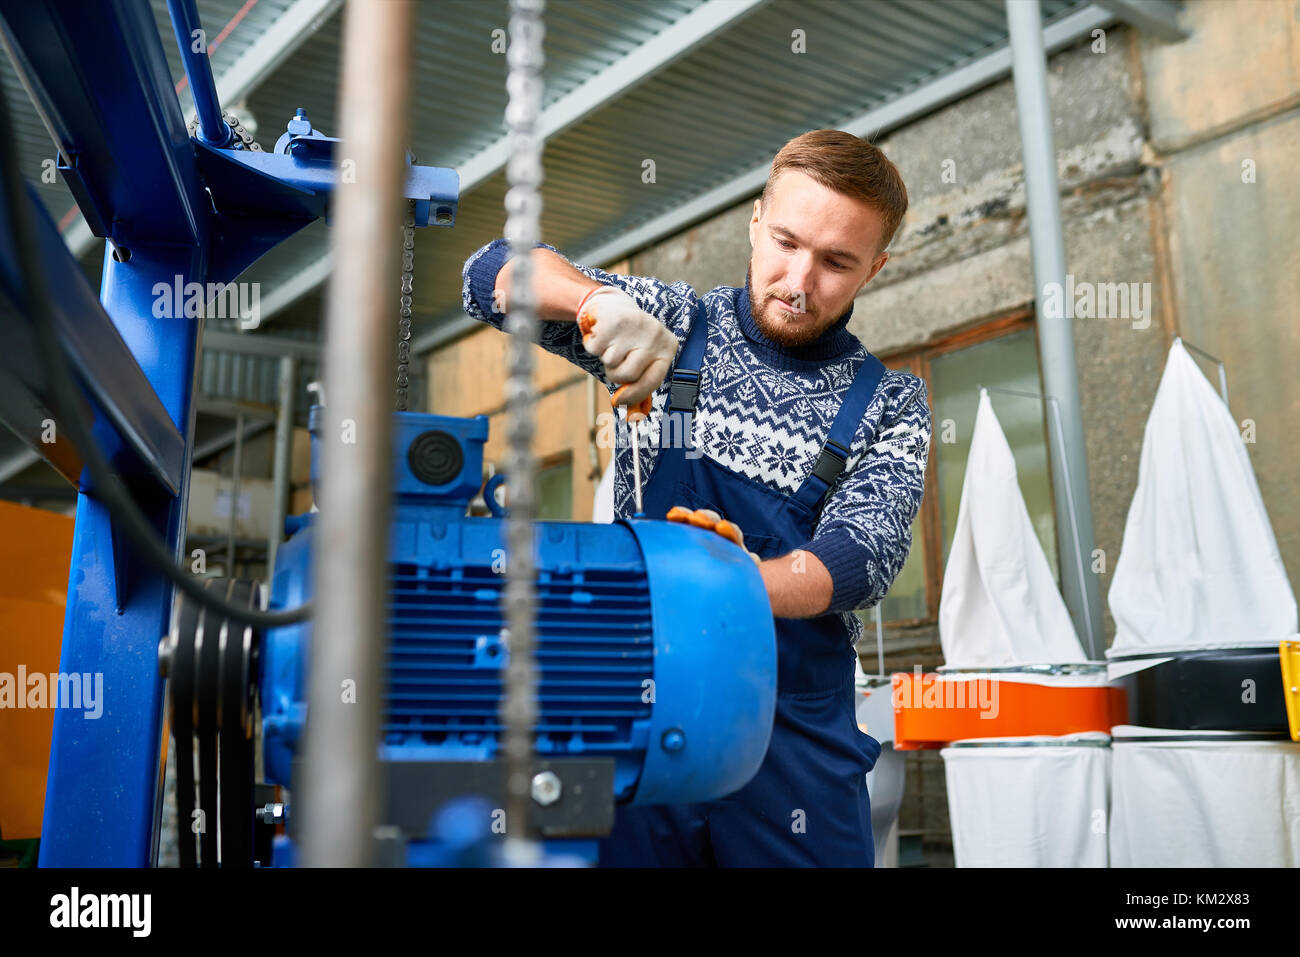 Hombre reparando unidades de máquina en fábrica. Imagen De Stock